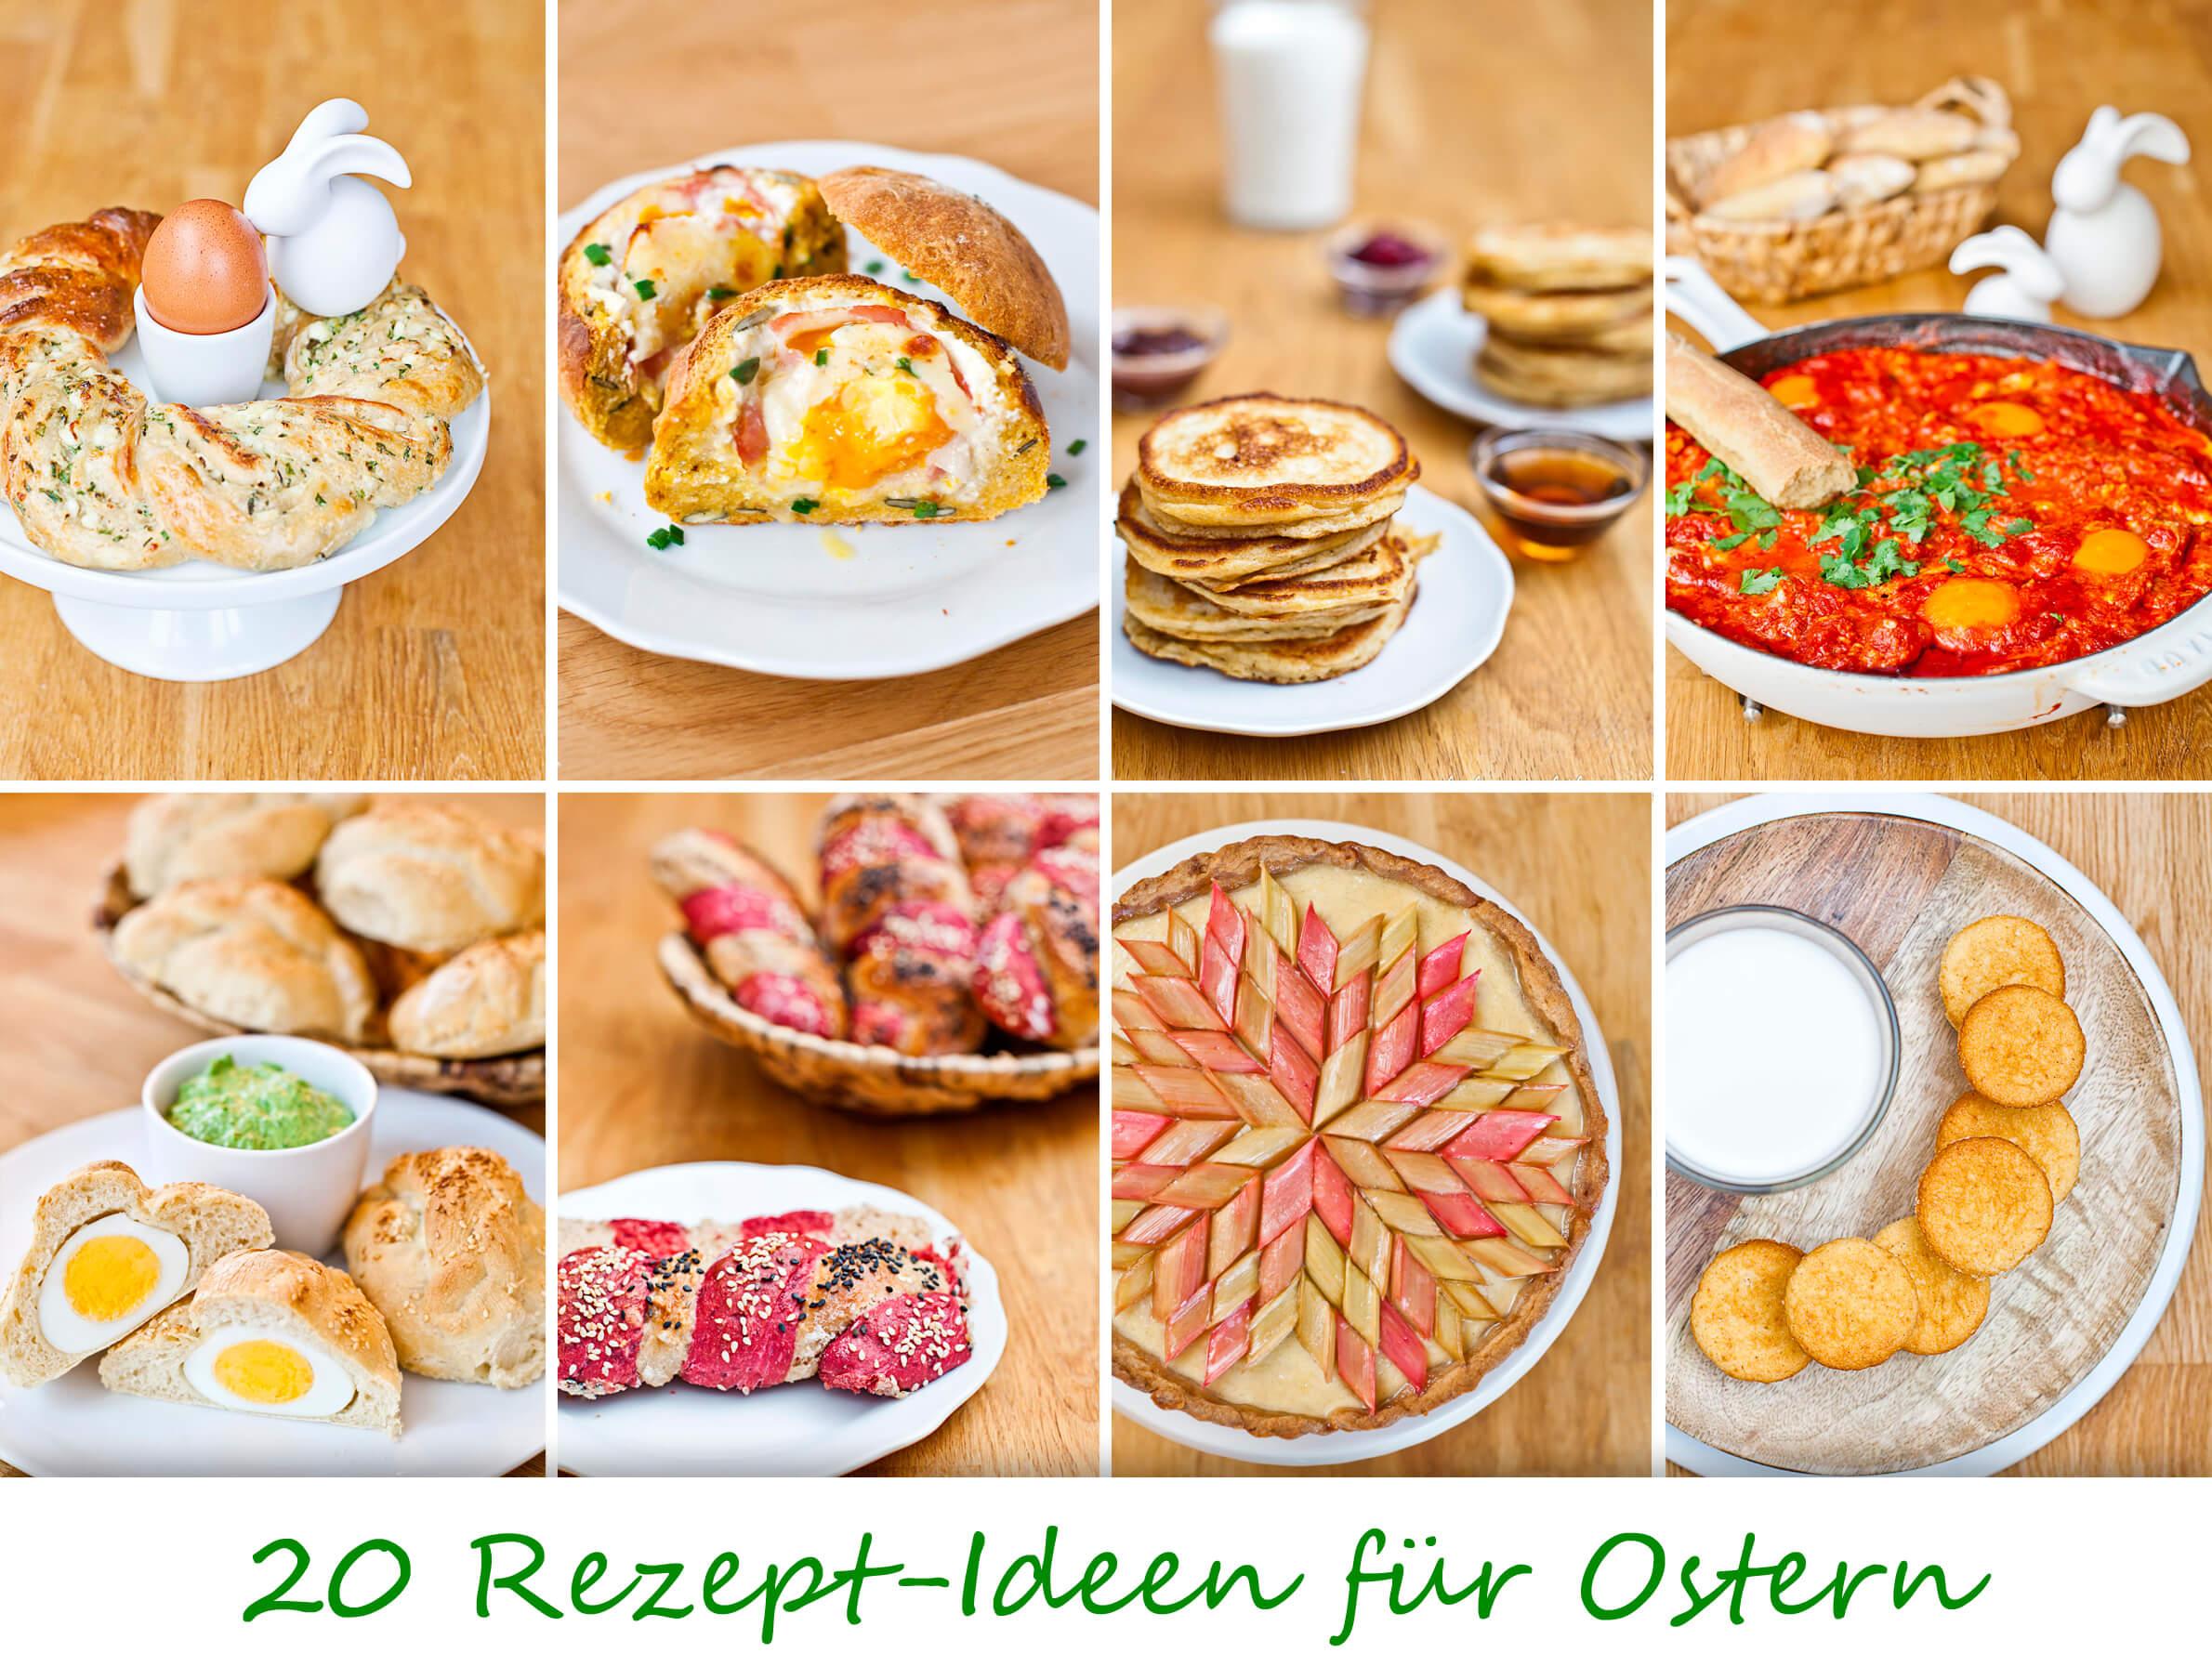 20 Oster-Rezept-Ideen